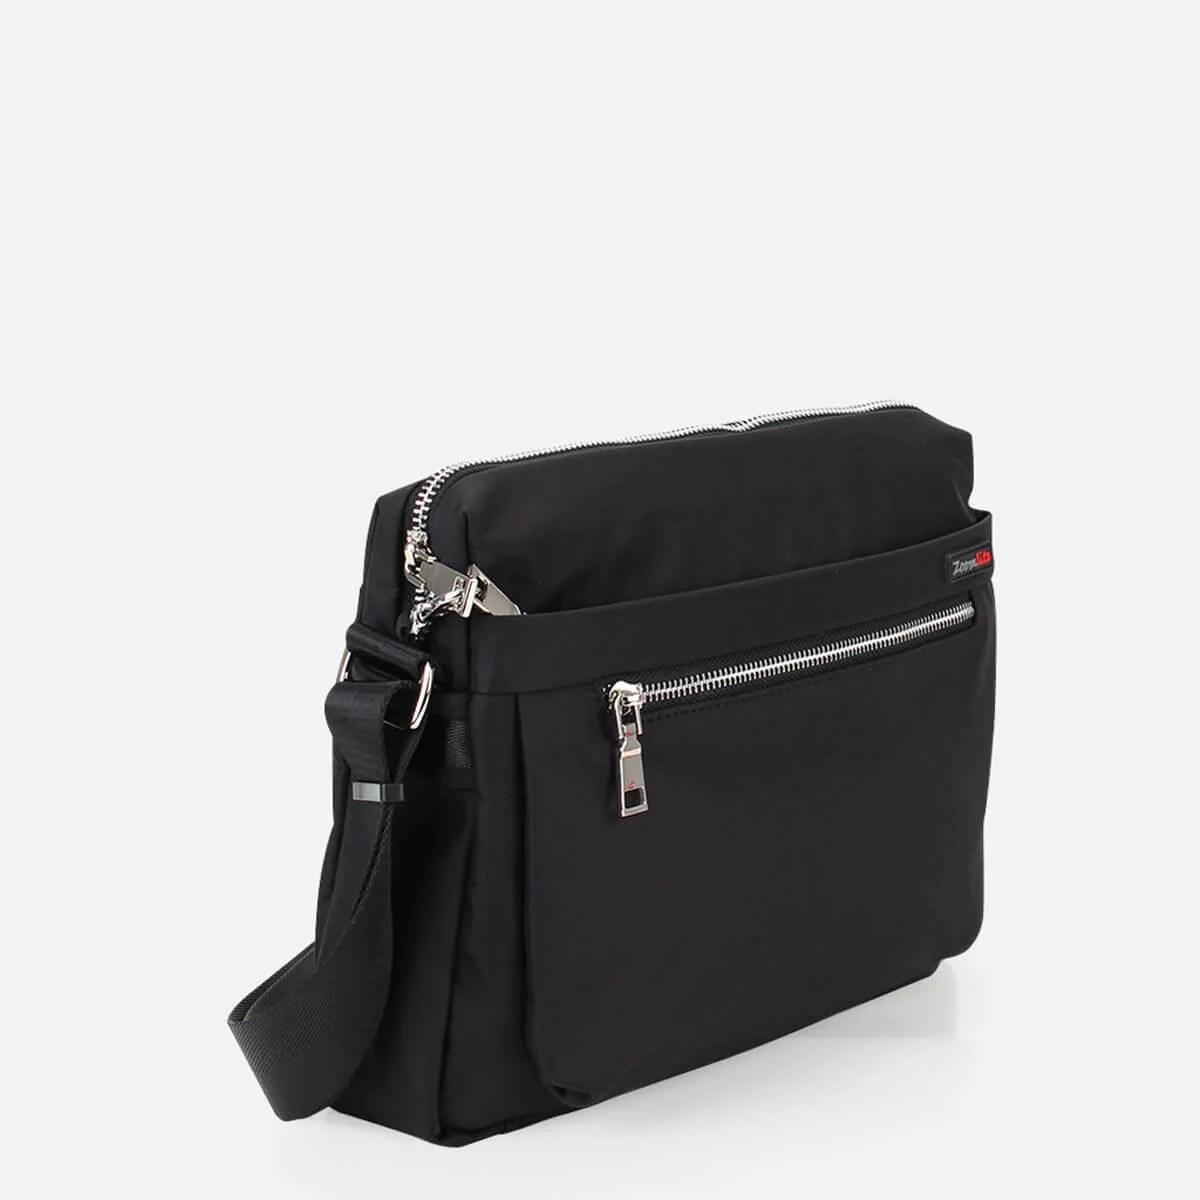 Zoomlite Julie Rfid Crossbody Bag Tablet Pocket Water